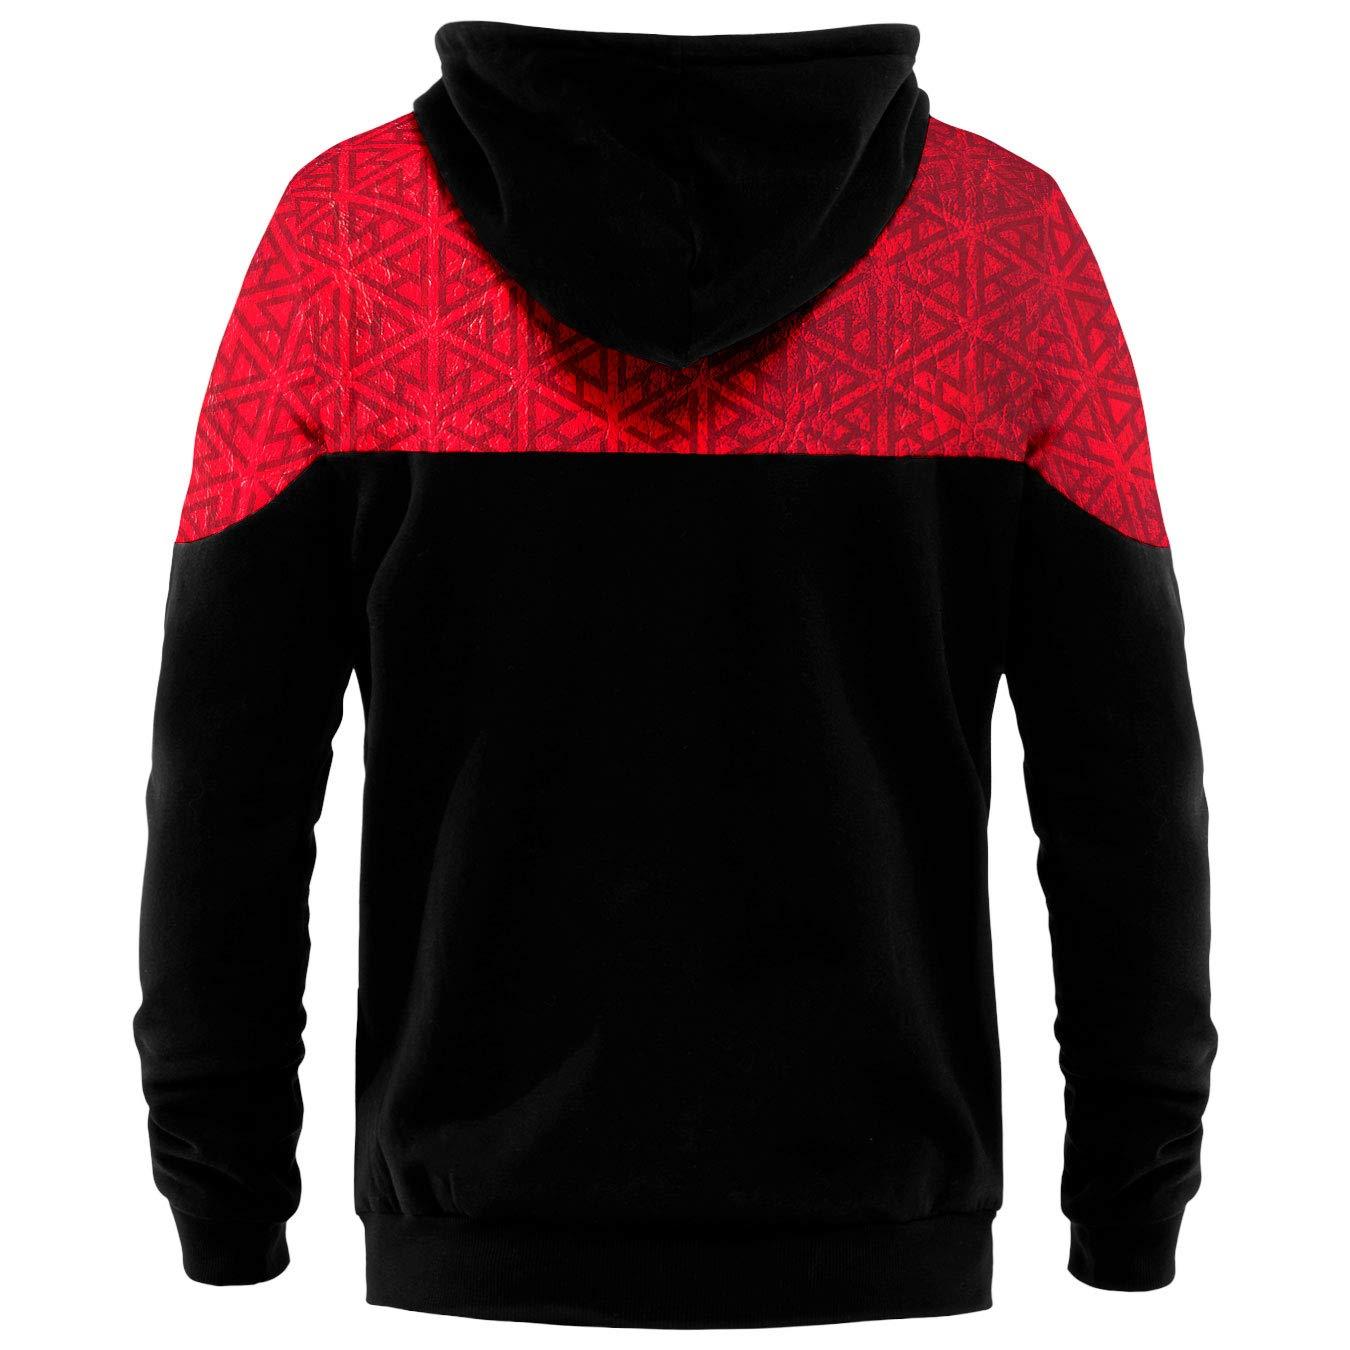 Blowhammer Blowhammer Blowhammer Herren Kapuzenpullover - Zip Up Hoodie B074CGFK32 Sweatshirts Gutes Design 8481ba